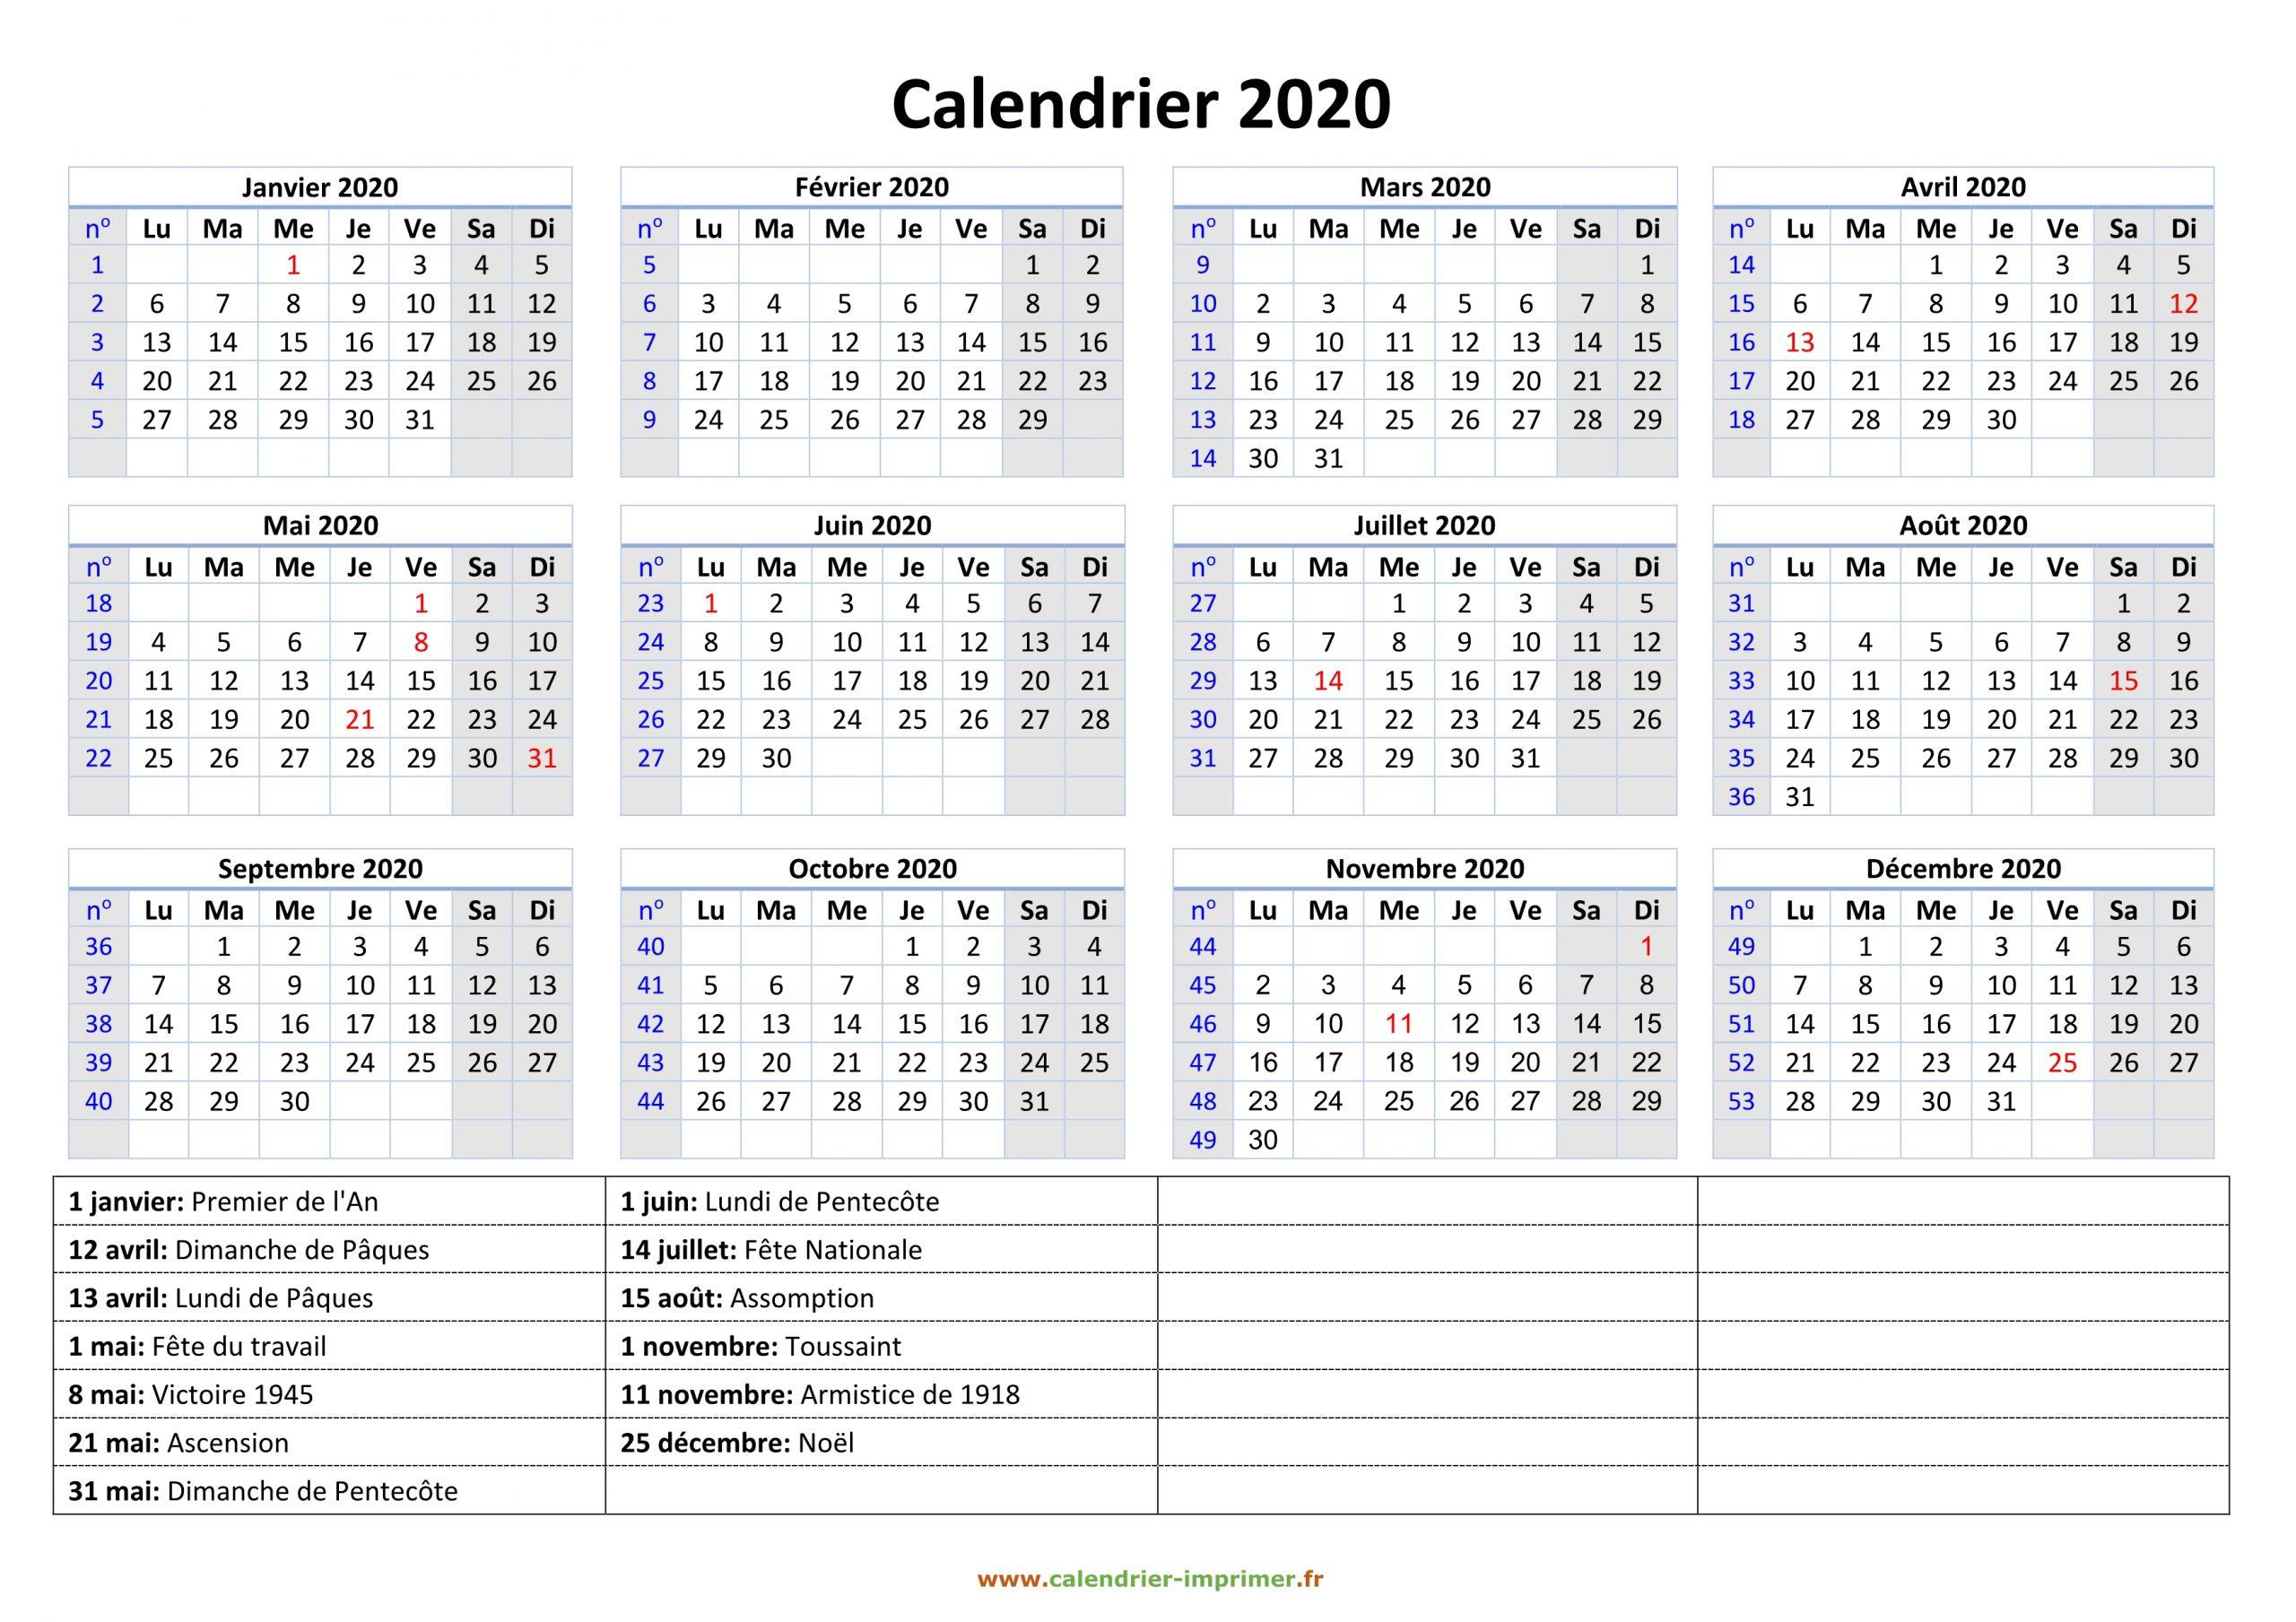 Calendrier 2020 À Imprimer Gratuit avec Calendrier Annuel 2019 À Imprimer Gratuit